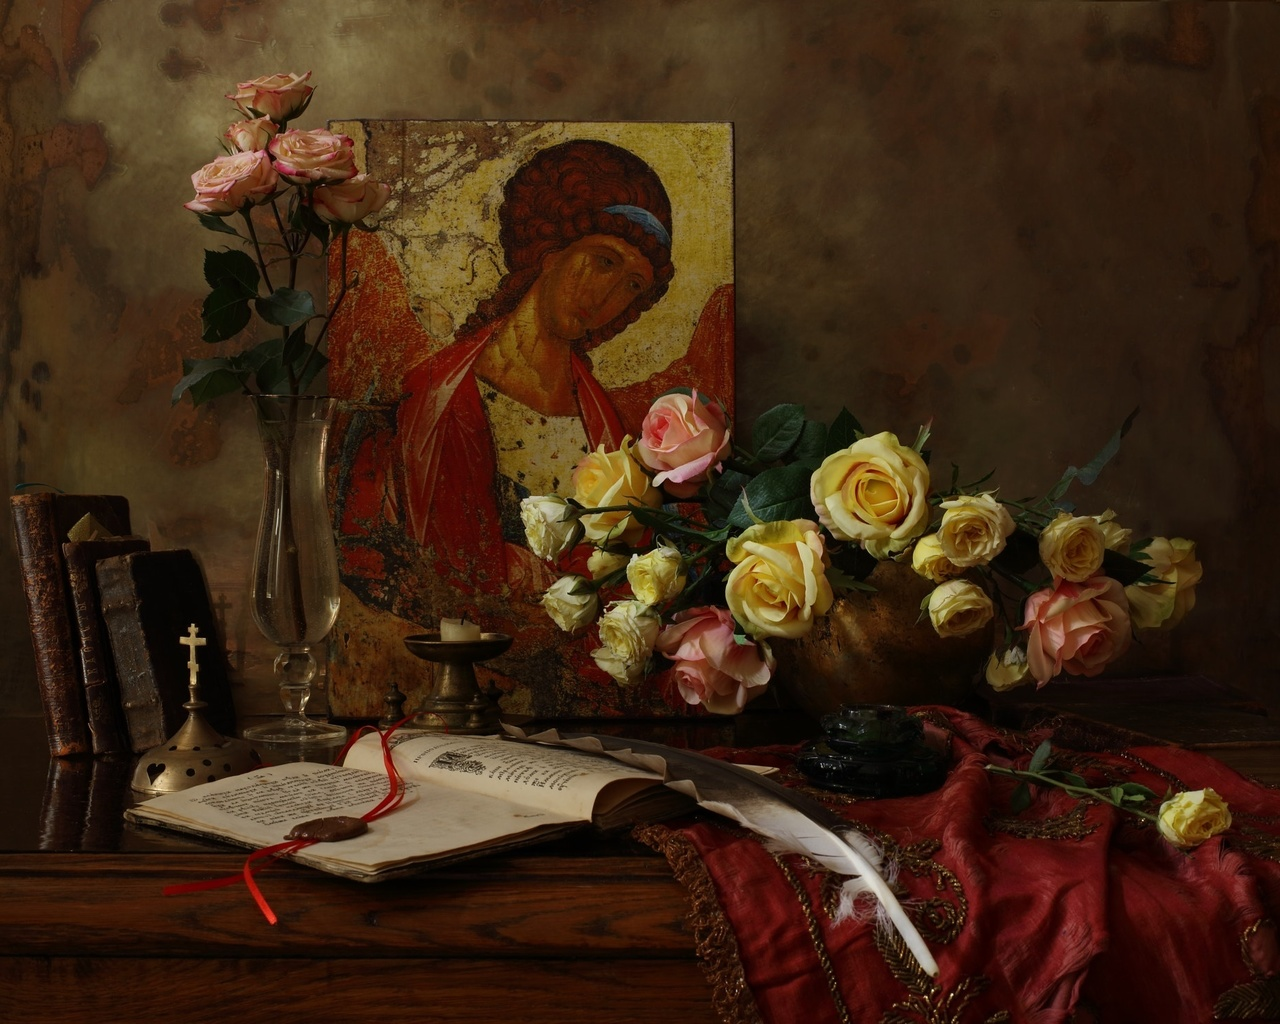 книги, перо, икона, ваза, цветы, розы, свеча, andrey morozov, андрей морозов